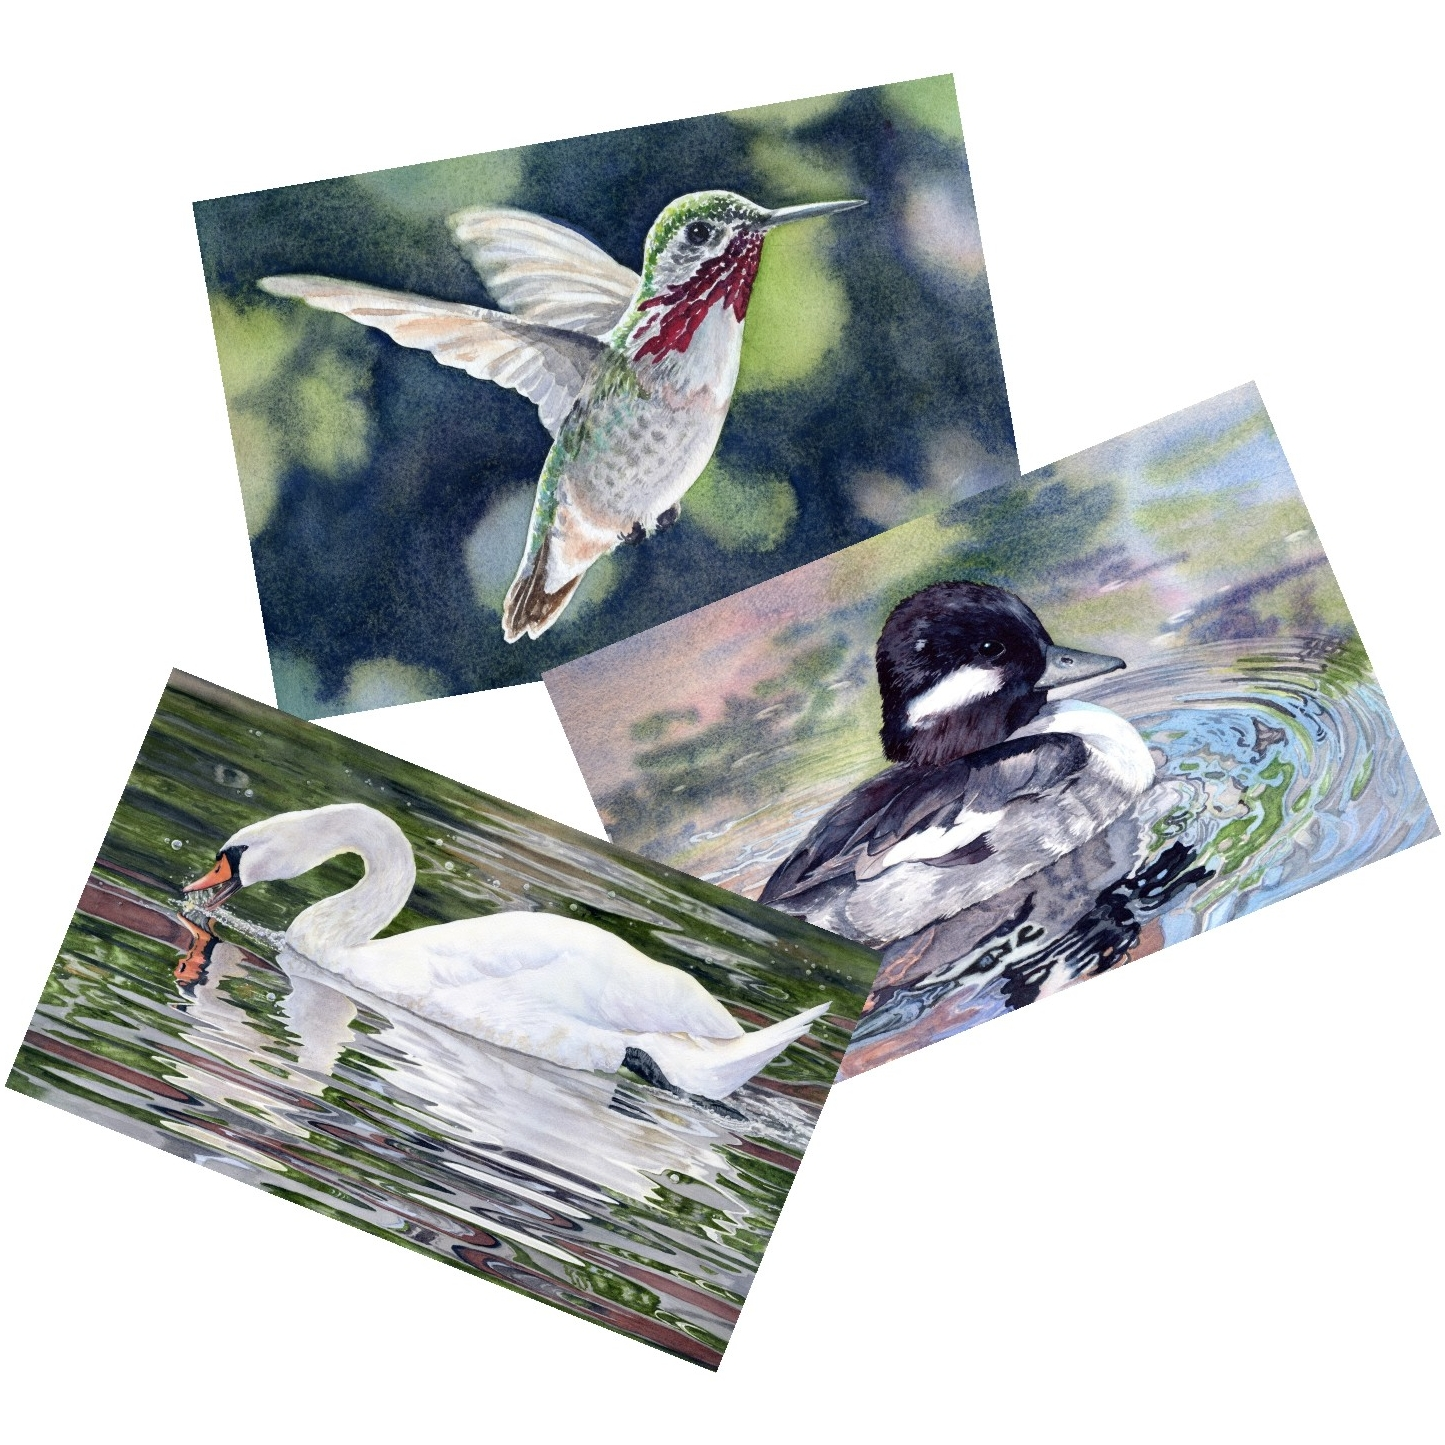 blank-note-cards-bird-scene-prints-lorraine-watry.jpg